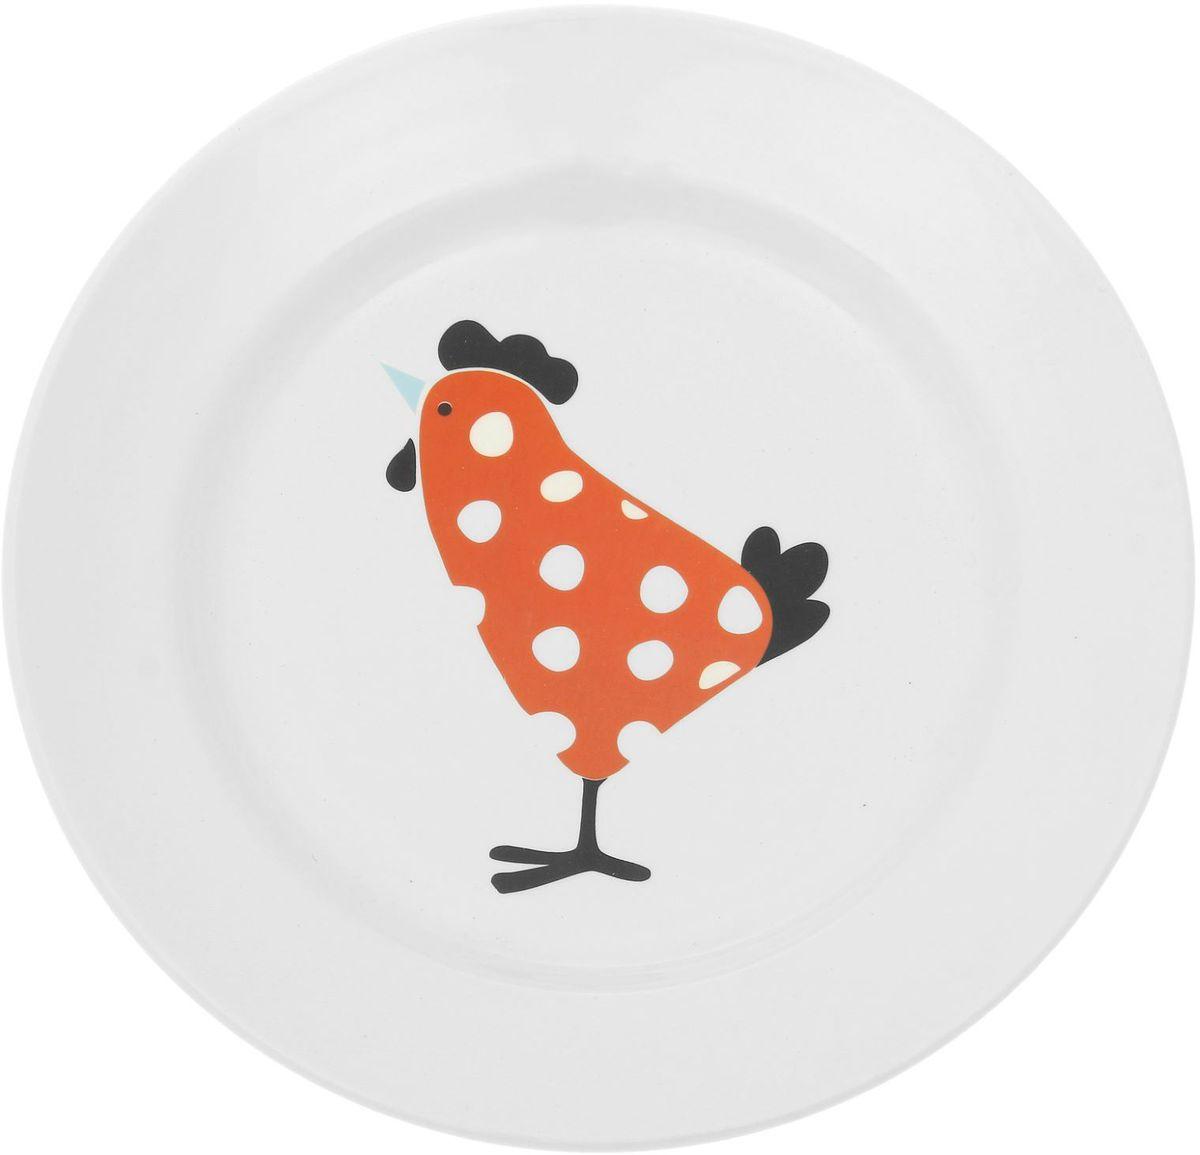 Тарелка мелкая Сотвори чудо My Chicken, диаметр 20 см1828180Хотите обновить интерьер кухни или гостиной? Устраиваете необычную фотосессию или тематический праздник? А может, просто ищете подарок для близкого человека? Посуда « Сотвори Чудо» — правильный выбор в любой ситуации. Её достоинства: изящный фаянс нежного сливочного цвета; стойкость краски; пригодность для посудомоечных машин.